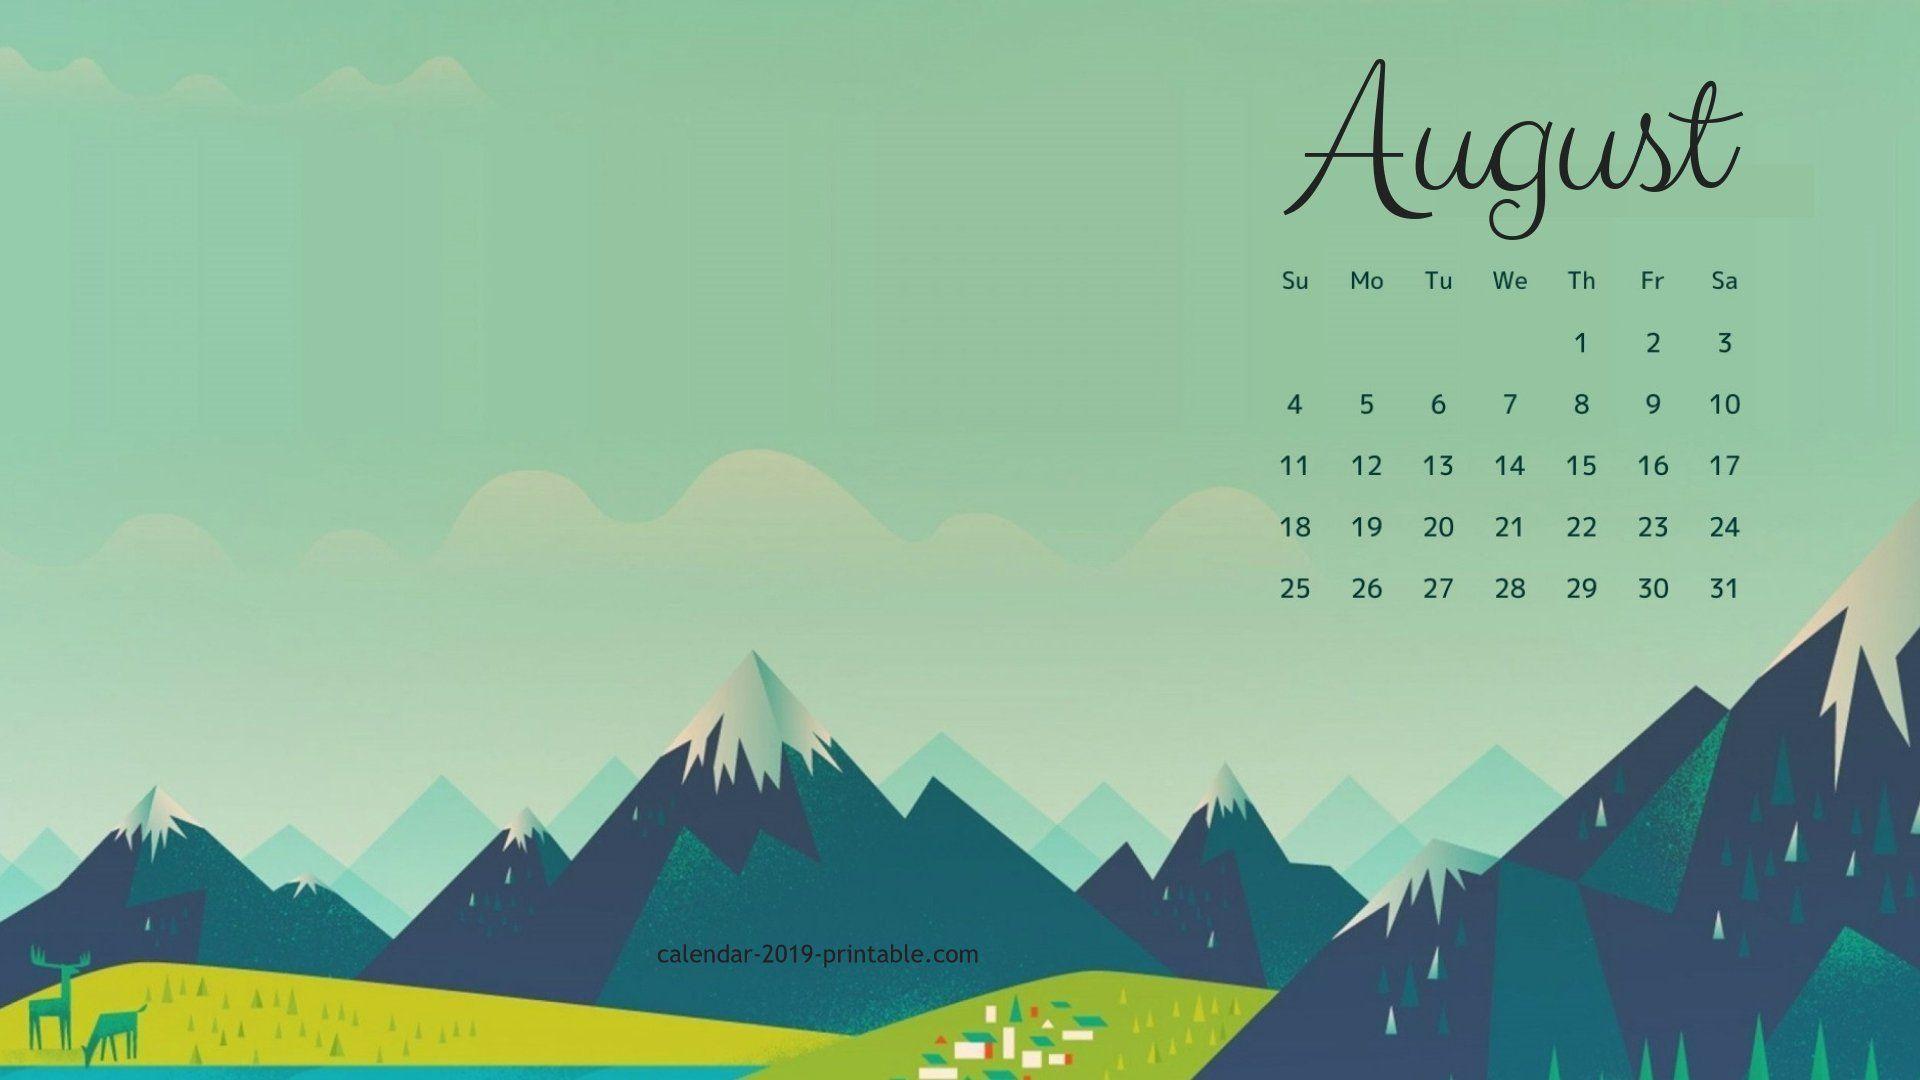 August 2019 Calendar Wallpapers Wallpaper Cave